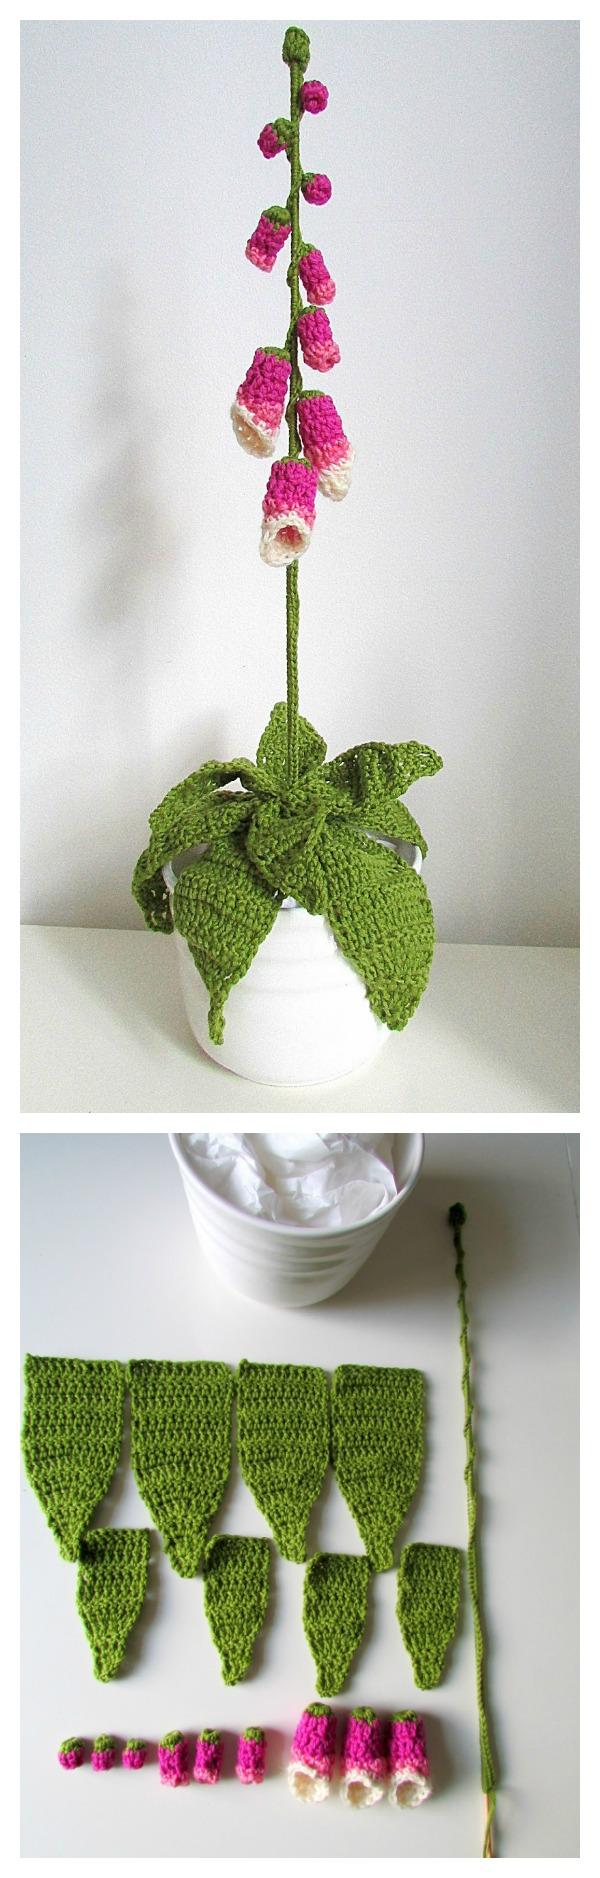 Crochet pretty flower free patterns crochet pretty foxglove flower free pattern mightylinksfo